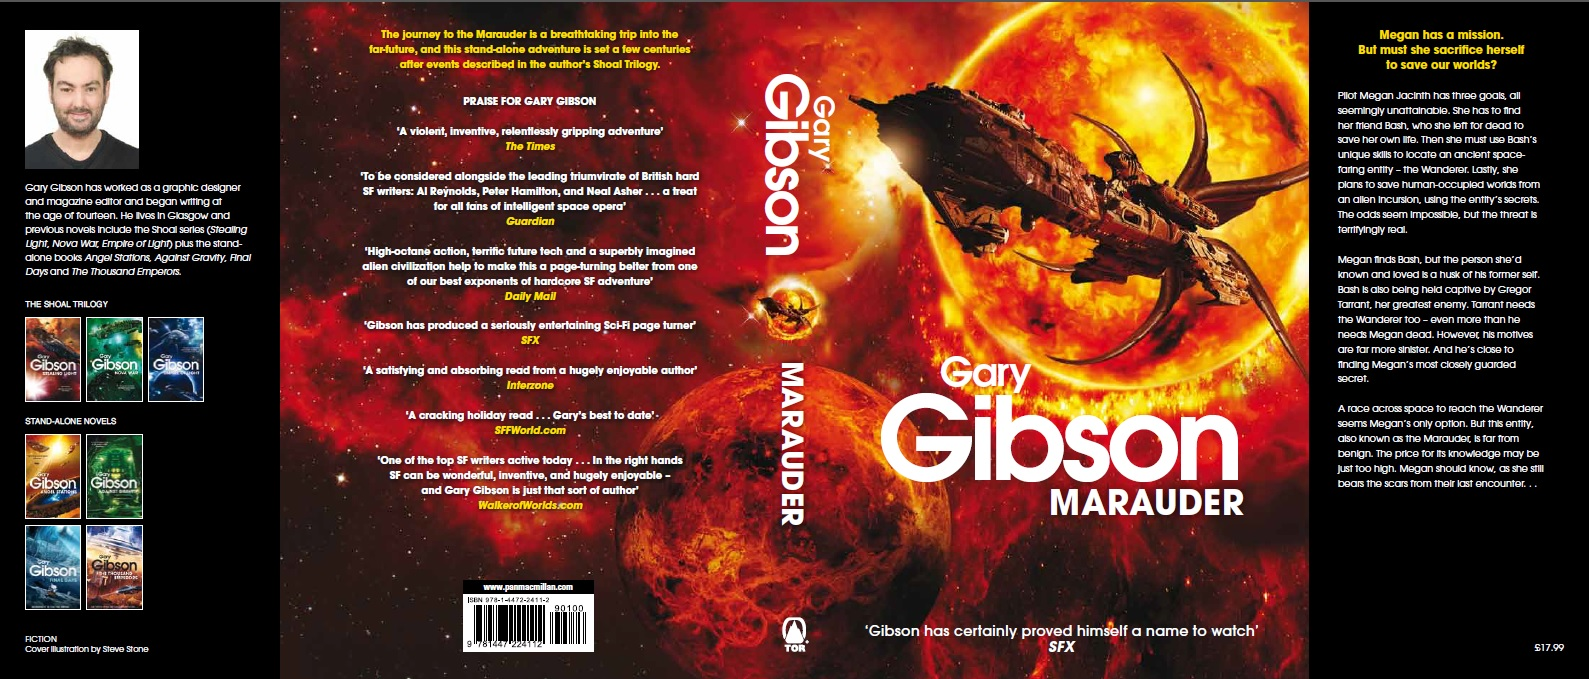 Marauder full cover image